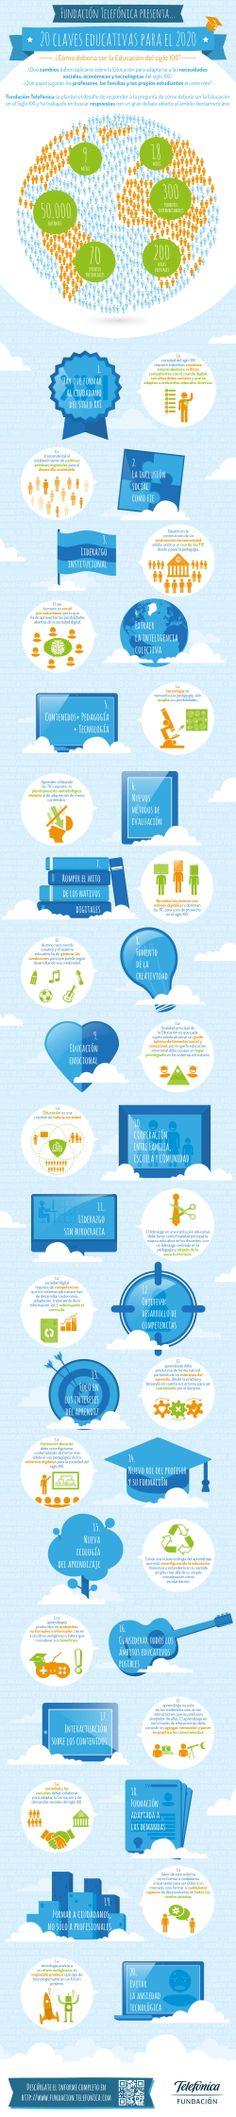 ¿Puede una #infografia contener las #20clavesEducativas para 2020? http://www.fundacion.telefonica.com/es/arte_cultura/publicaciones/detalle/257?utm_source=mailing&utm_medium=descarga&utm_campaign=20claves_24_febrero_14